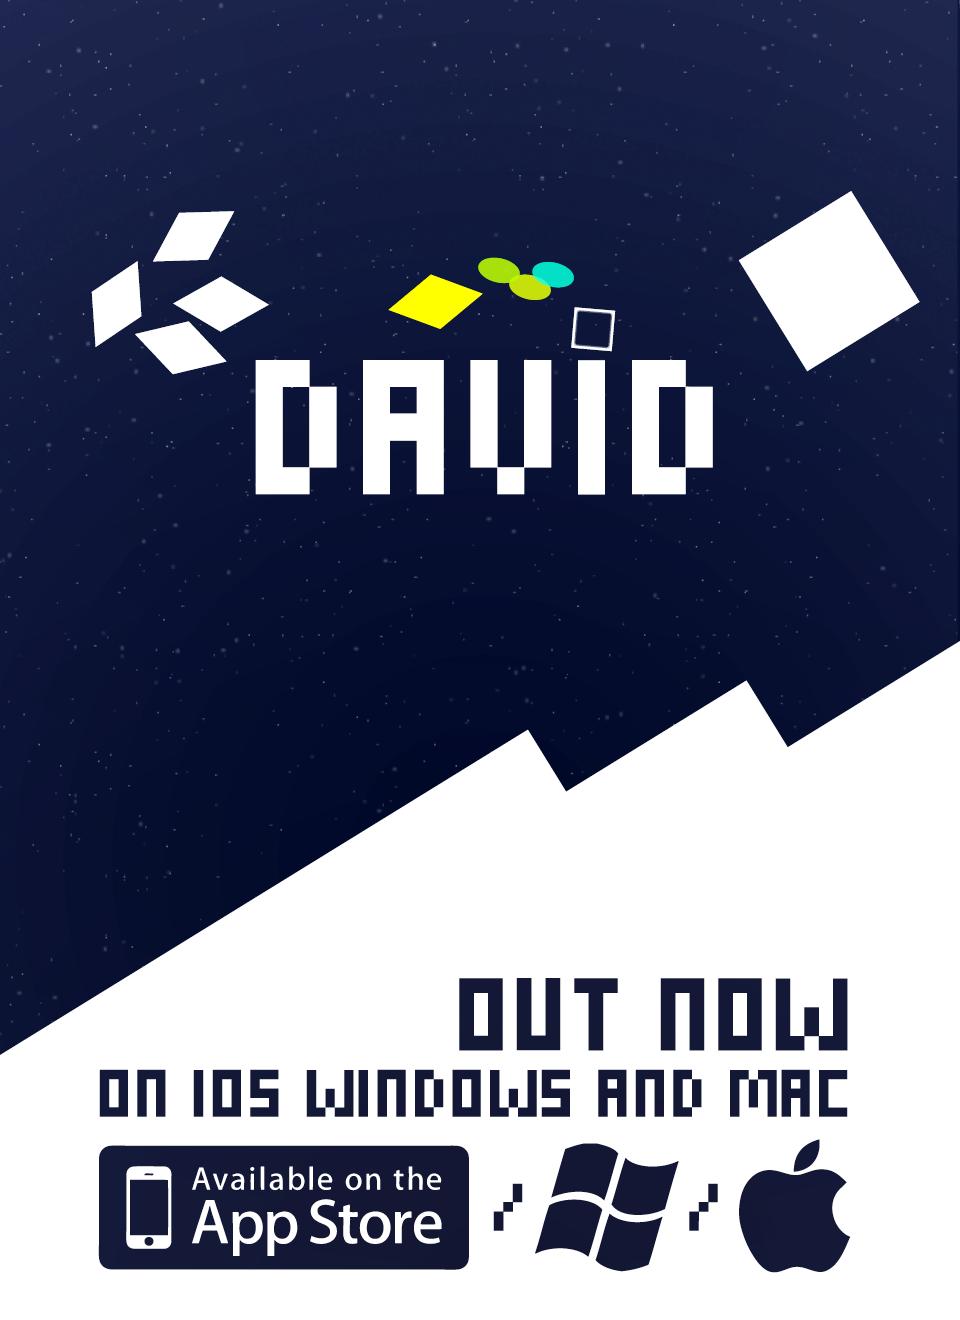 david-boxshot.png